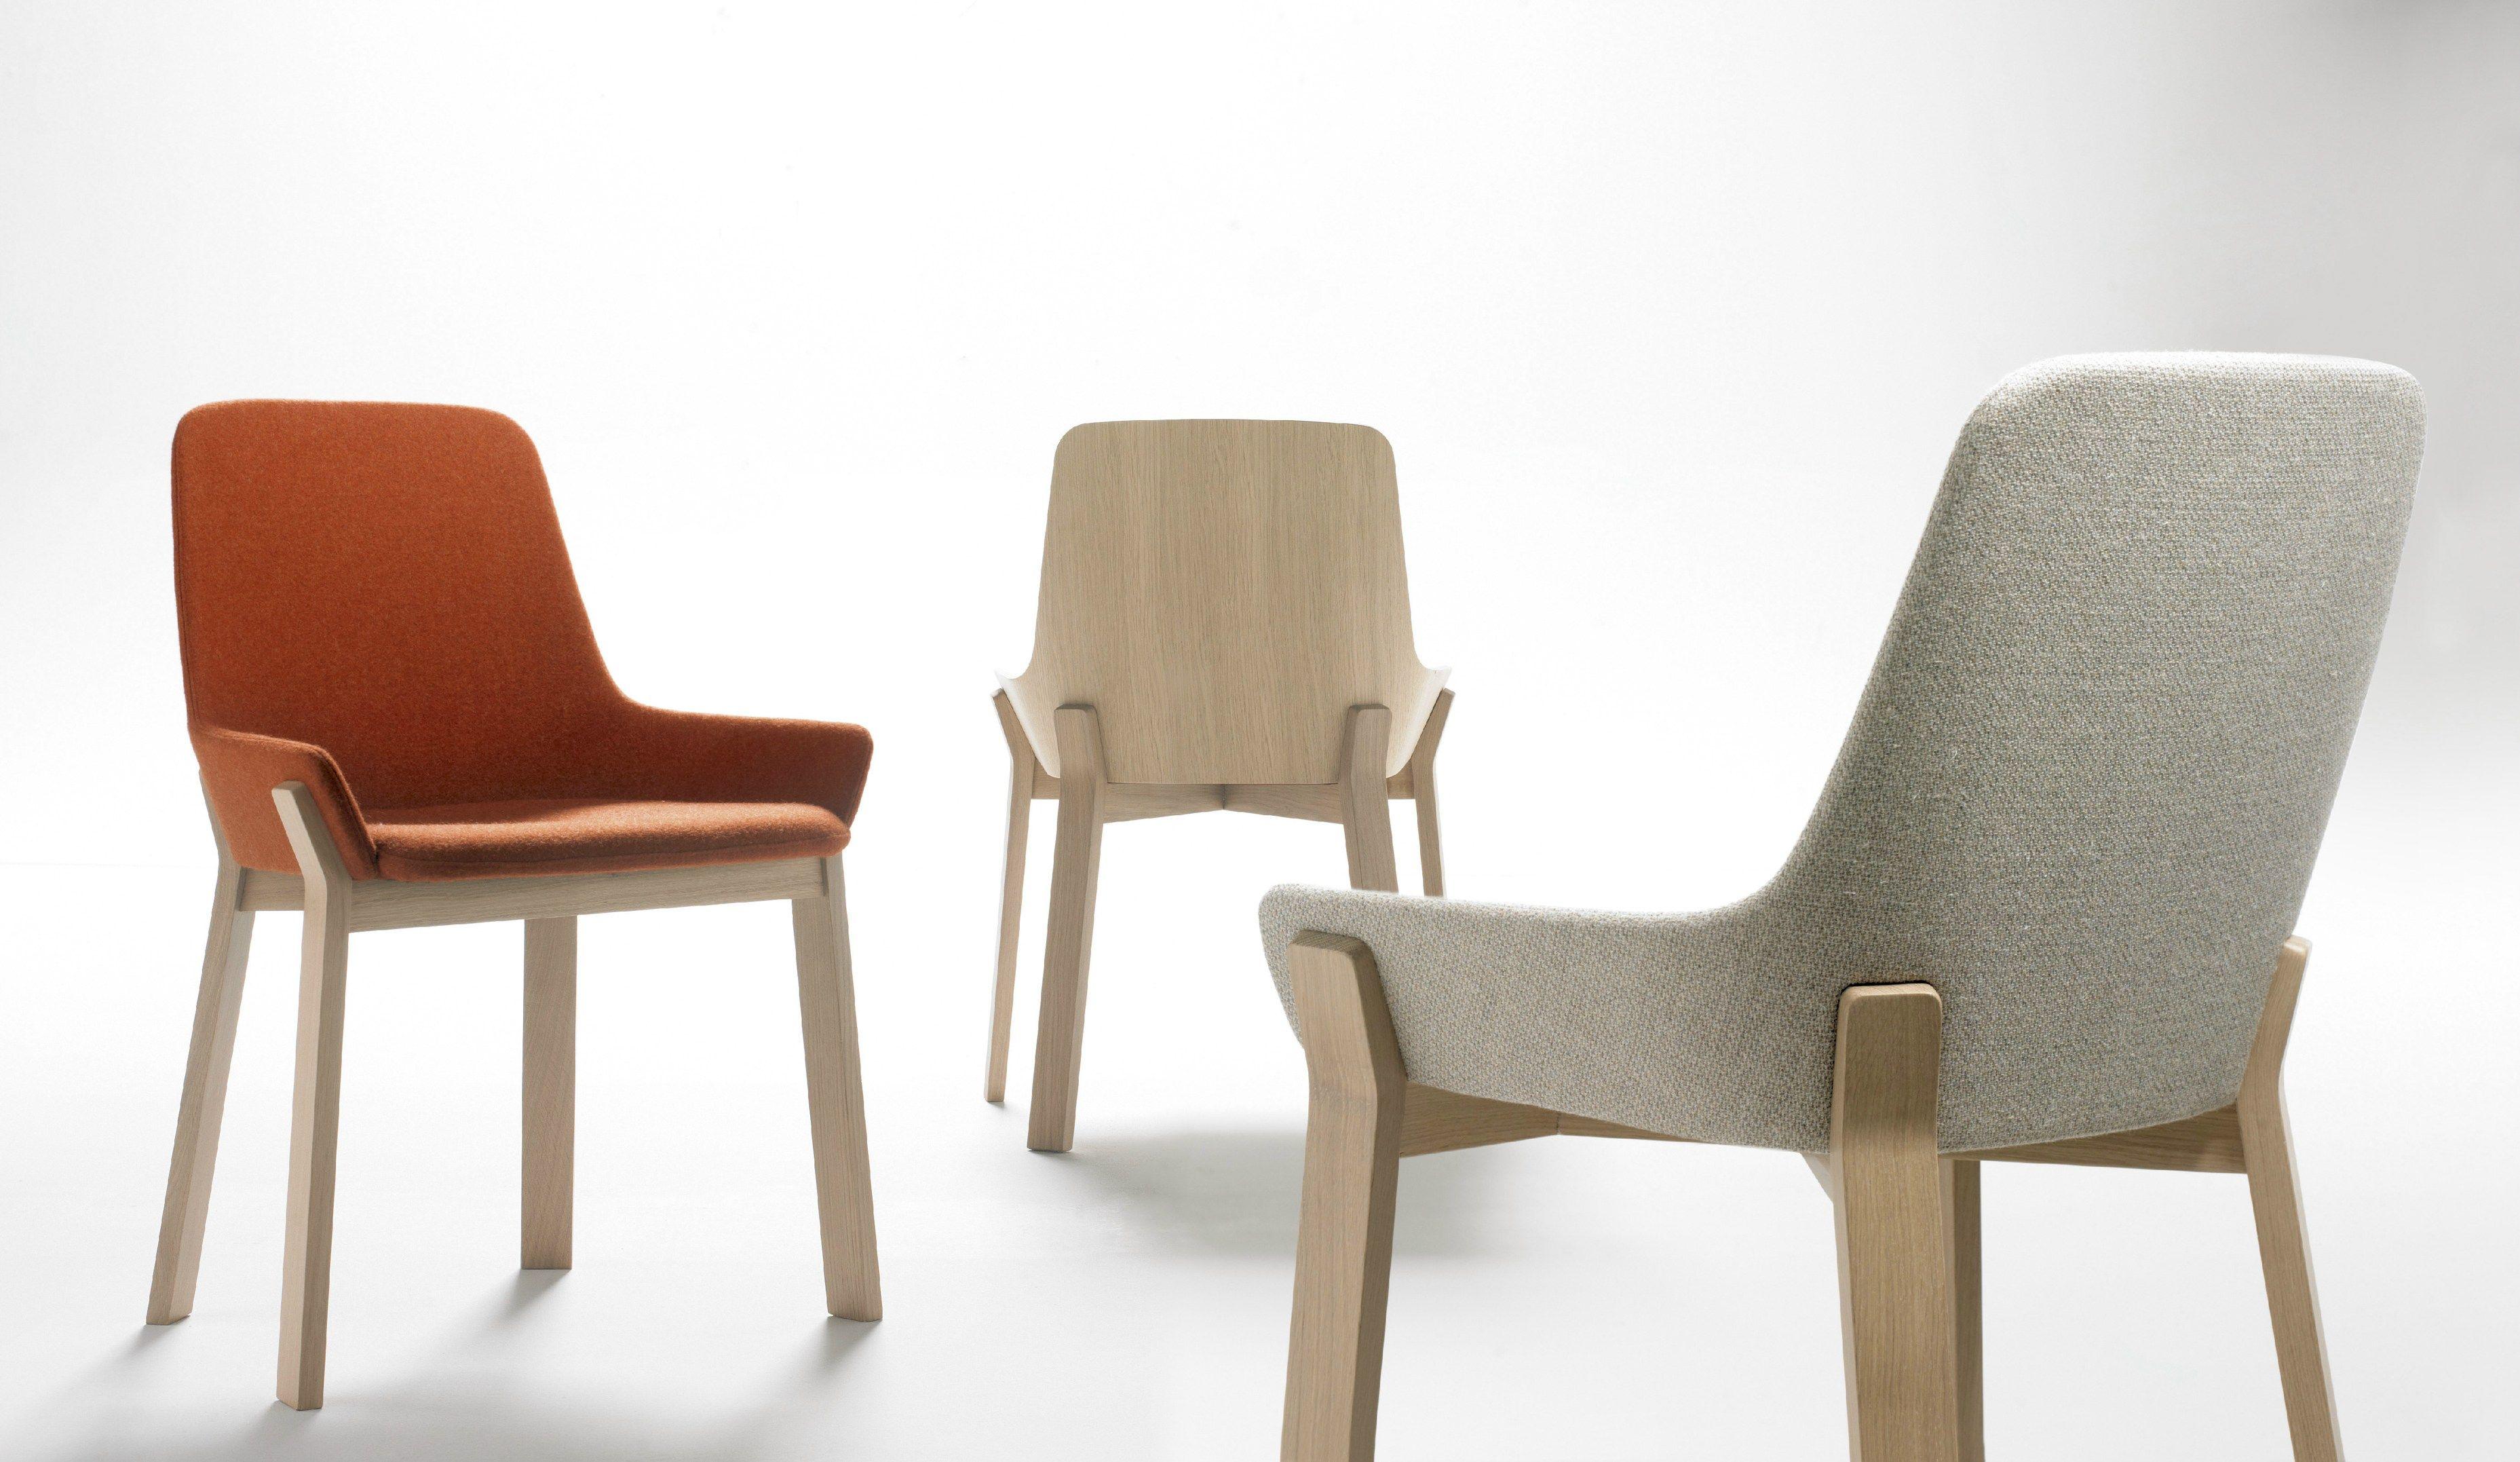 koila chaise by alki design jean louis iratzoki. Black Bedroom Furniture Sets. Home Design Ideas